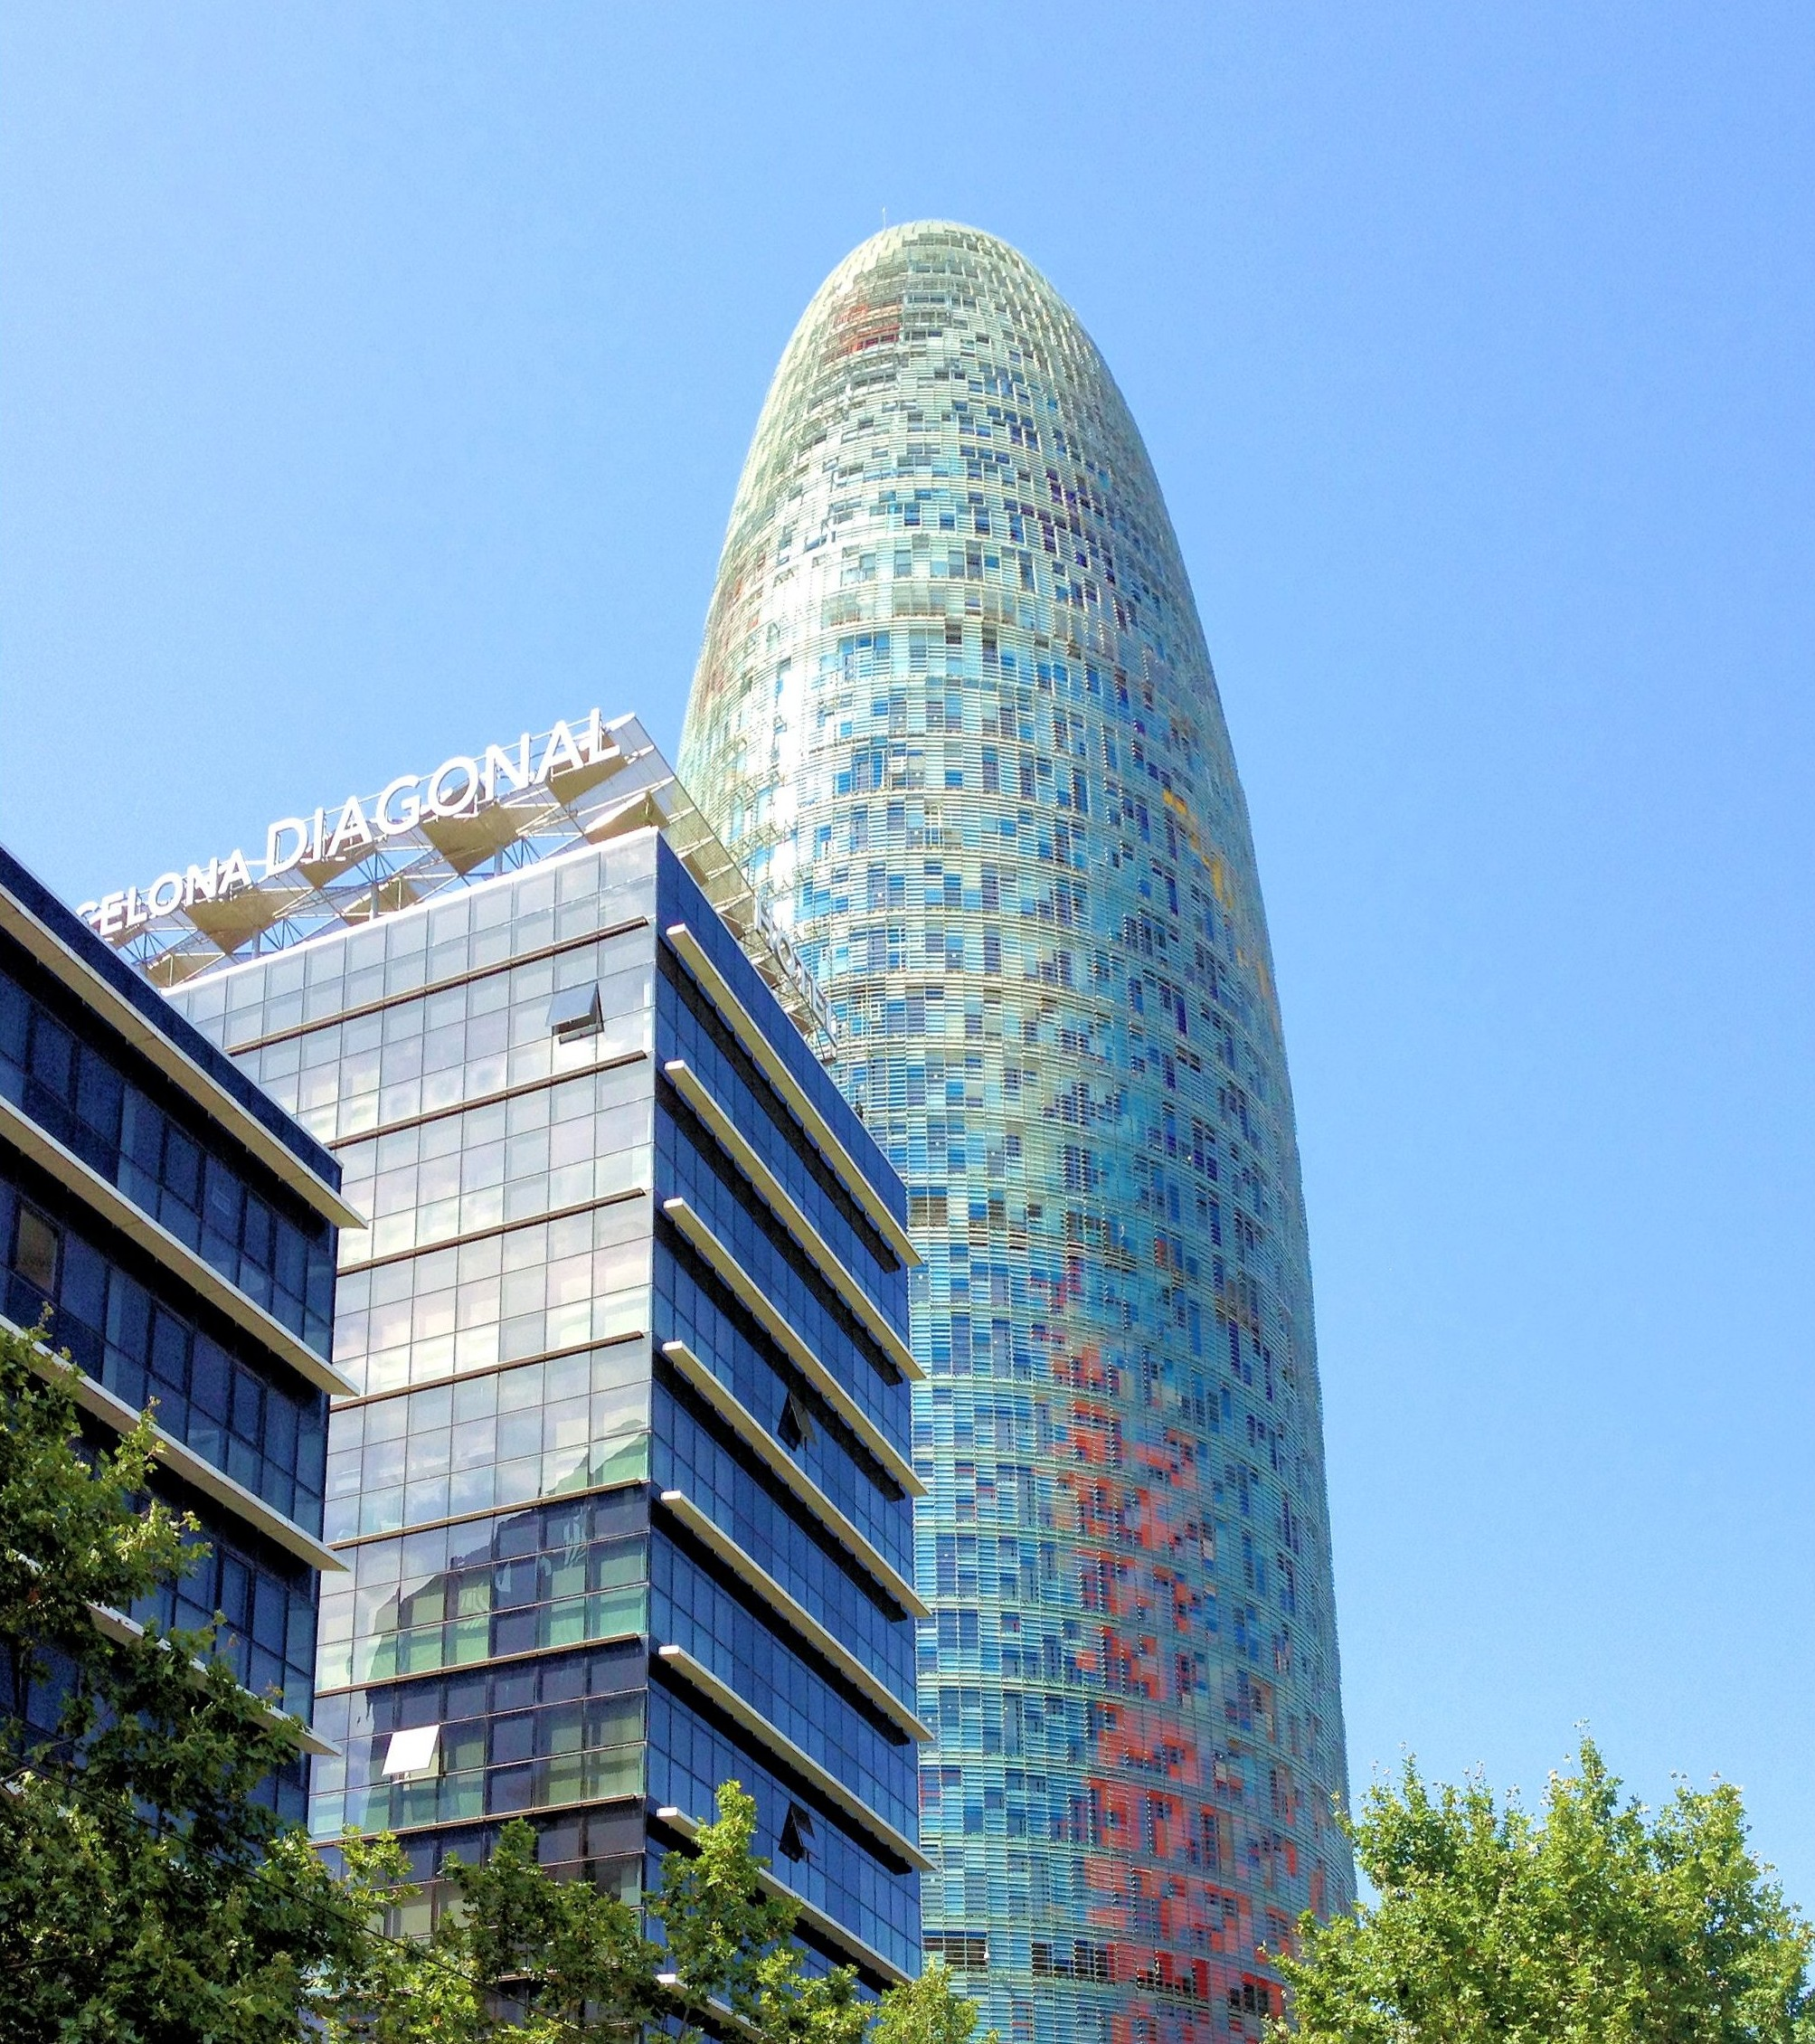 Barcellona in primavera dove andare e cosa vedere the for Cosa visitare a barcellona